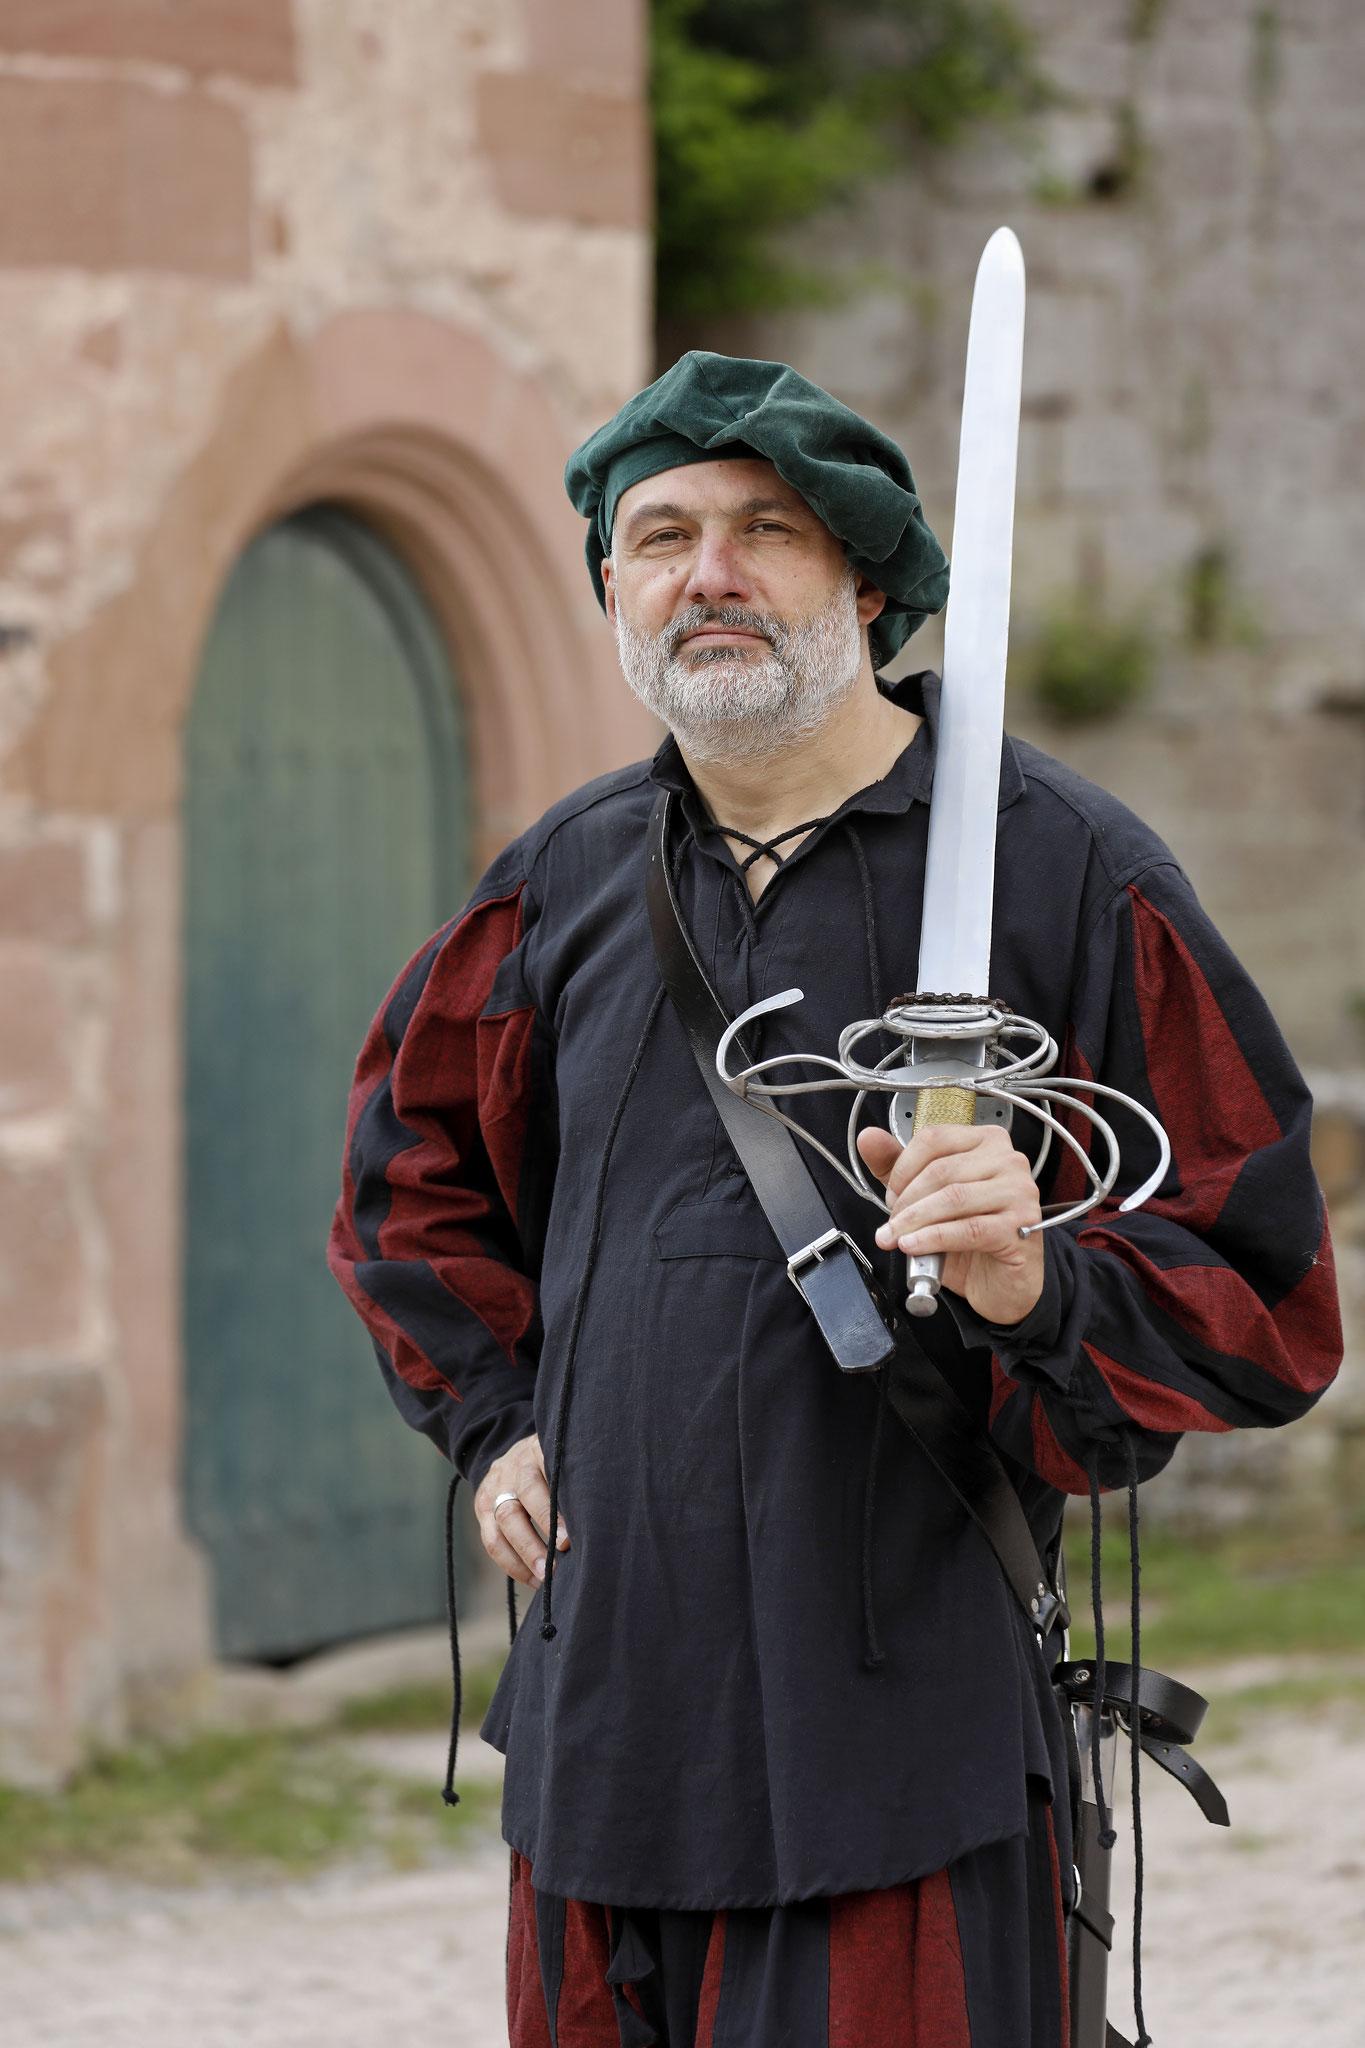 ... und Einweisung in mittelalterliche Belagerungs- und Waffenwesen ...